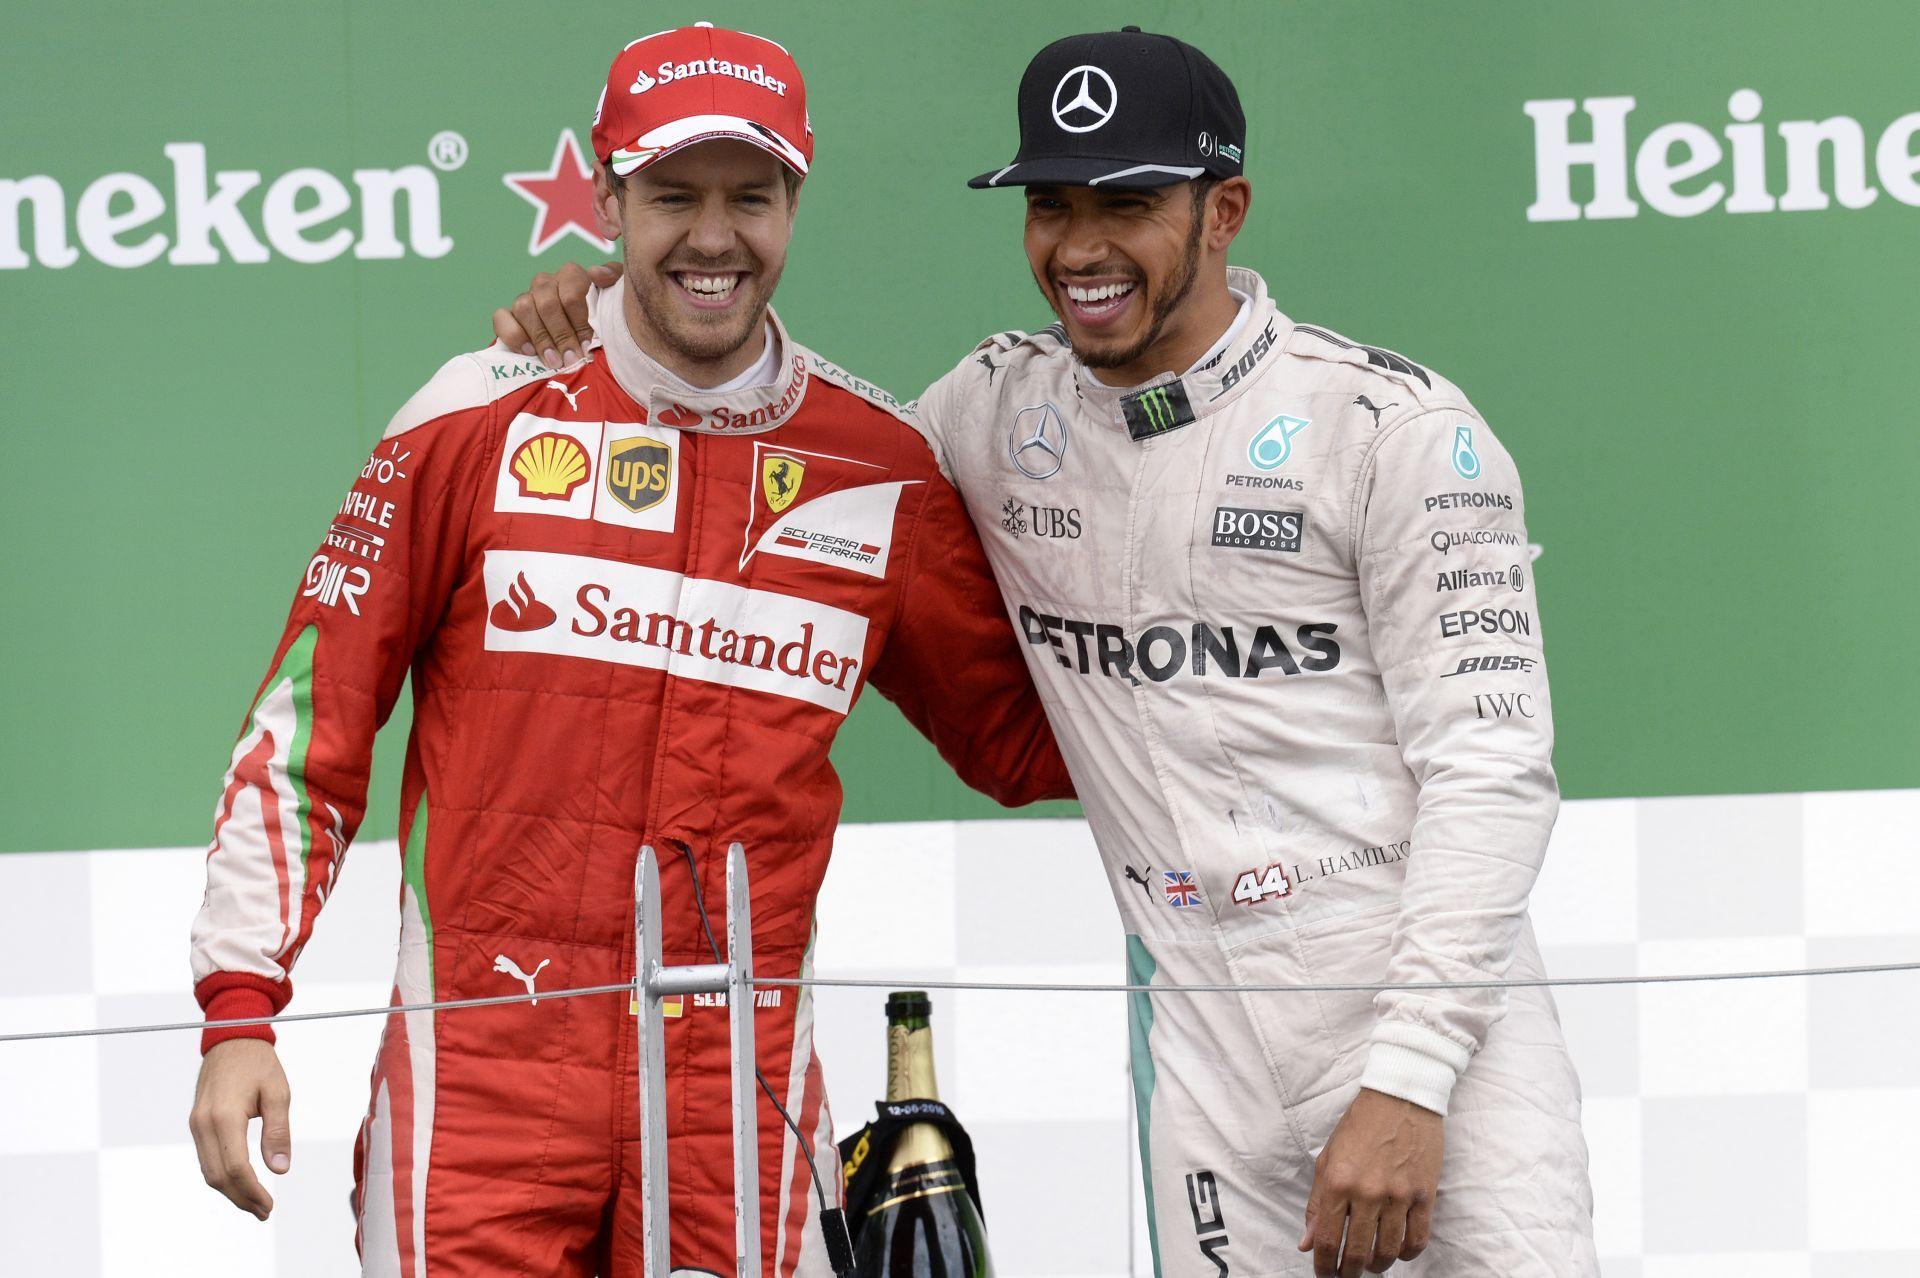 Képgaléria Hamilton és Vettel közös örömködése Kanadából